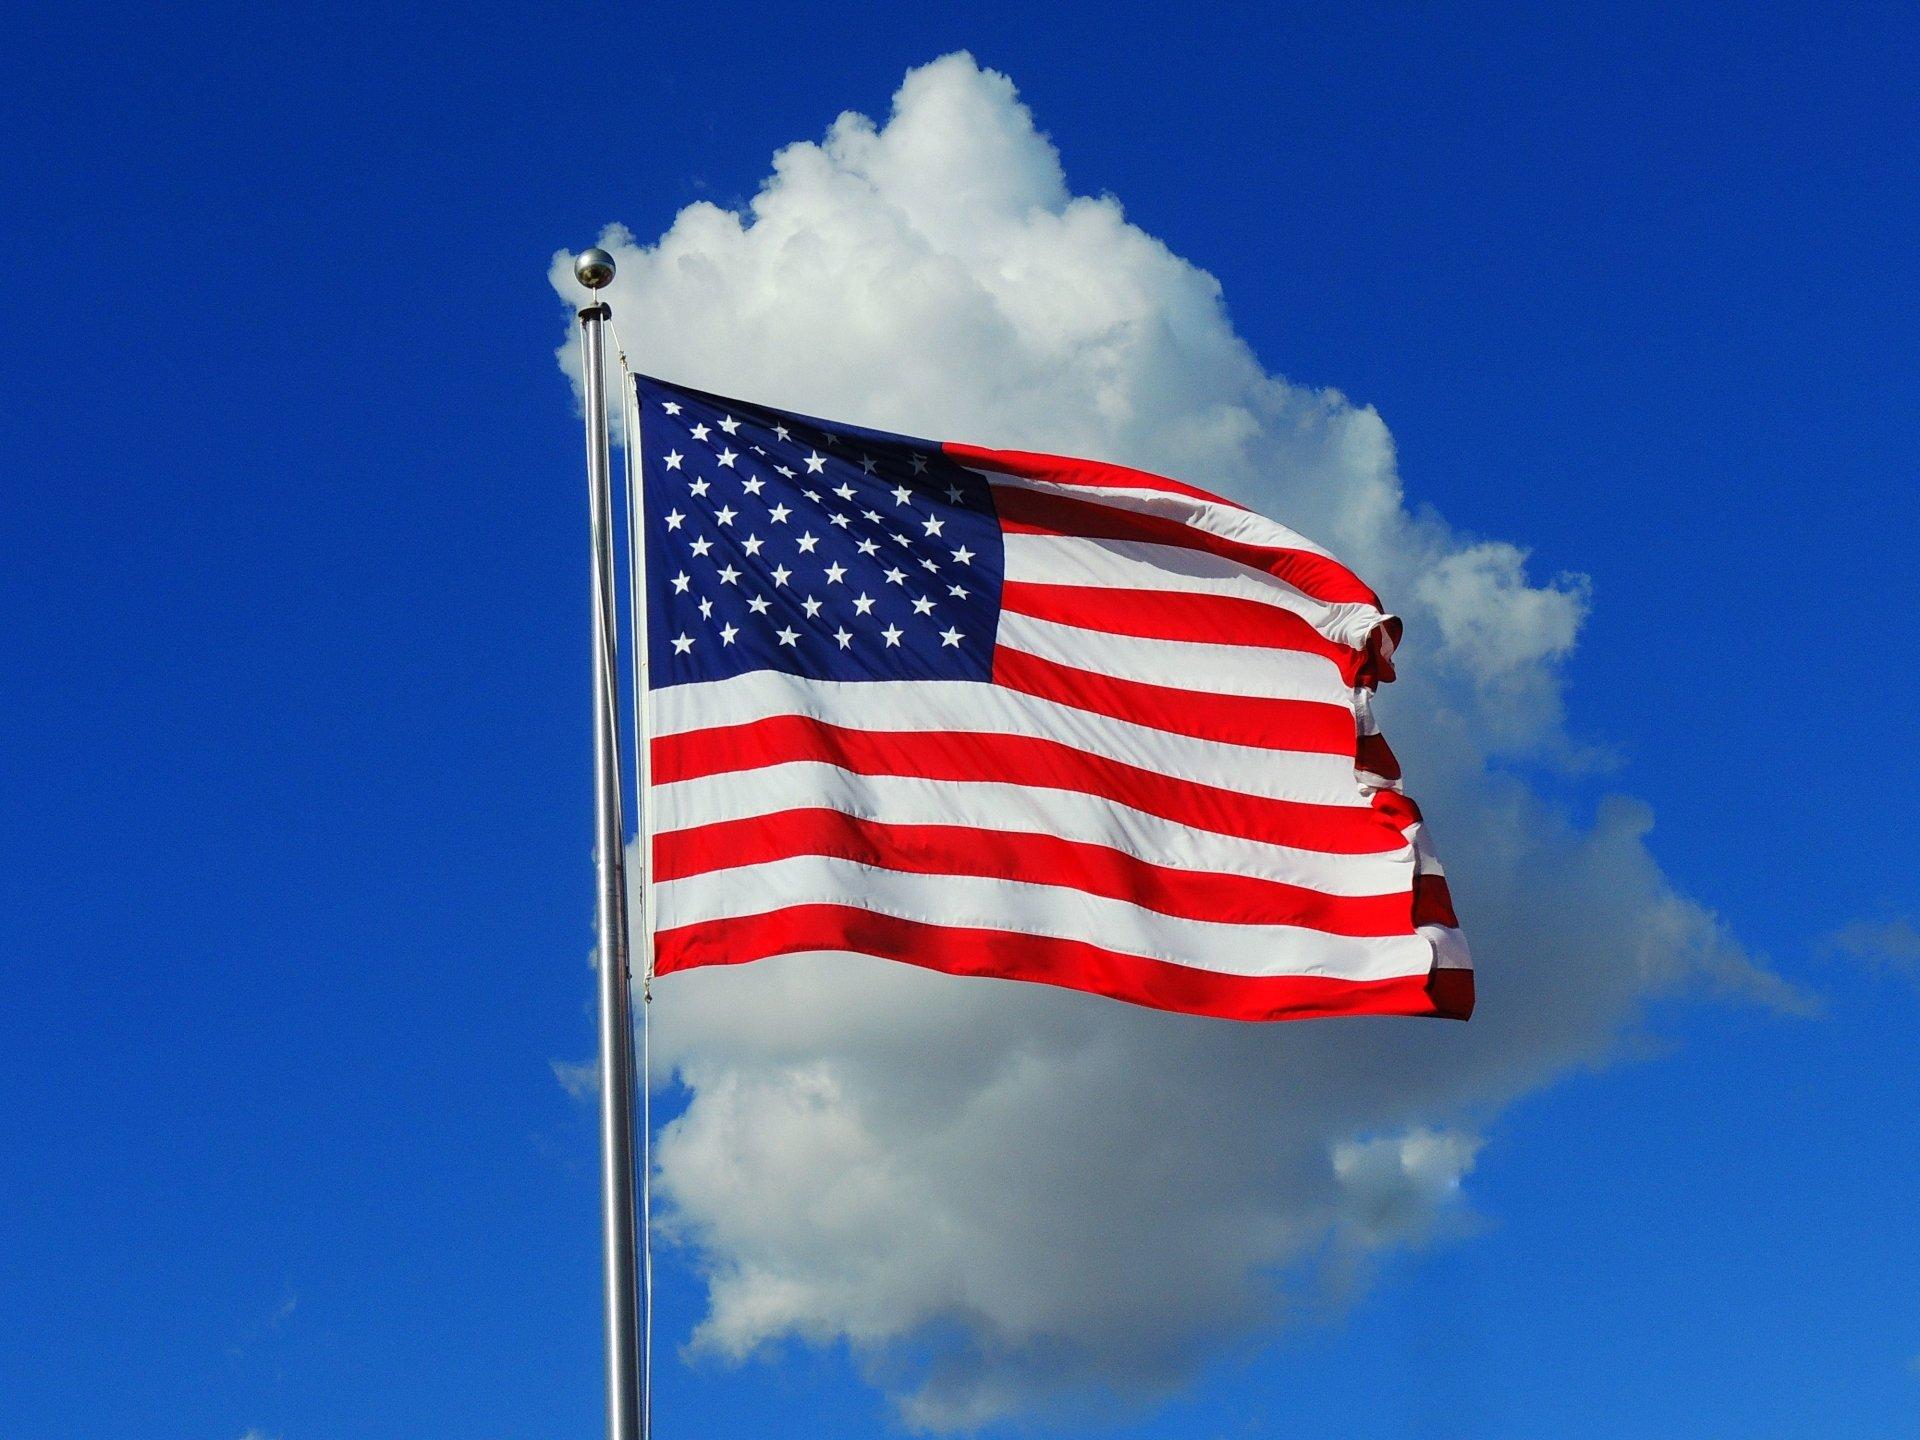 Bandera Americana 4k Ultra Fondo De Pantalla HD